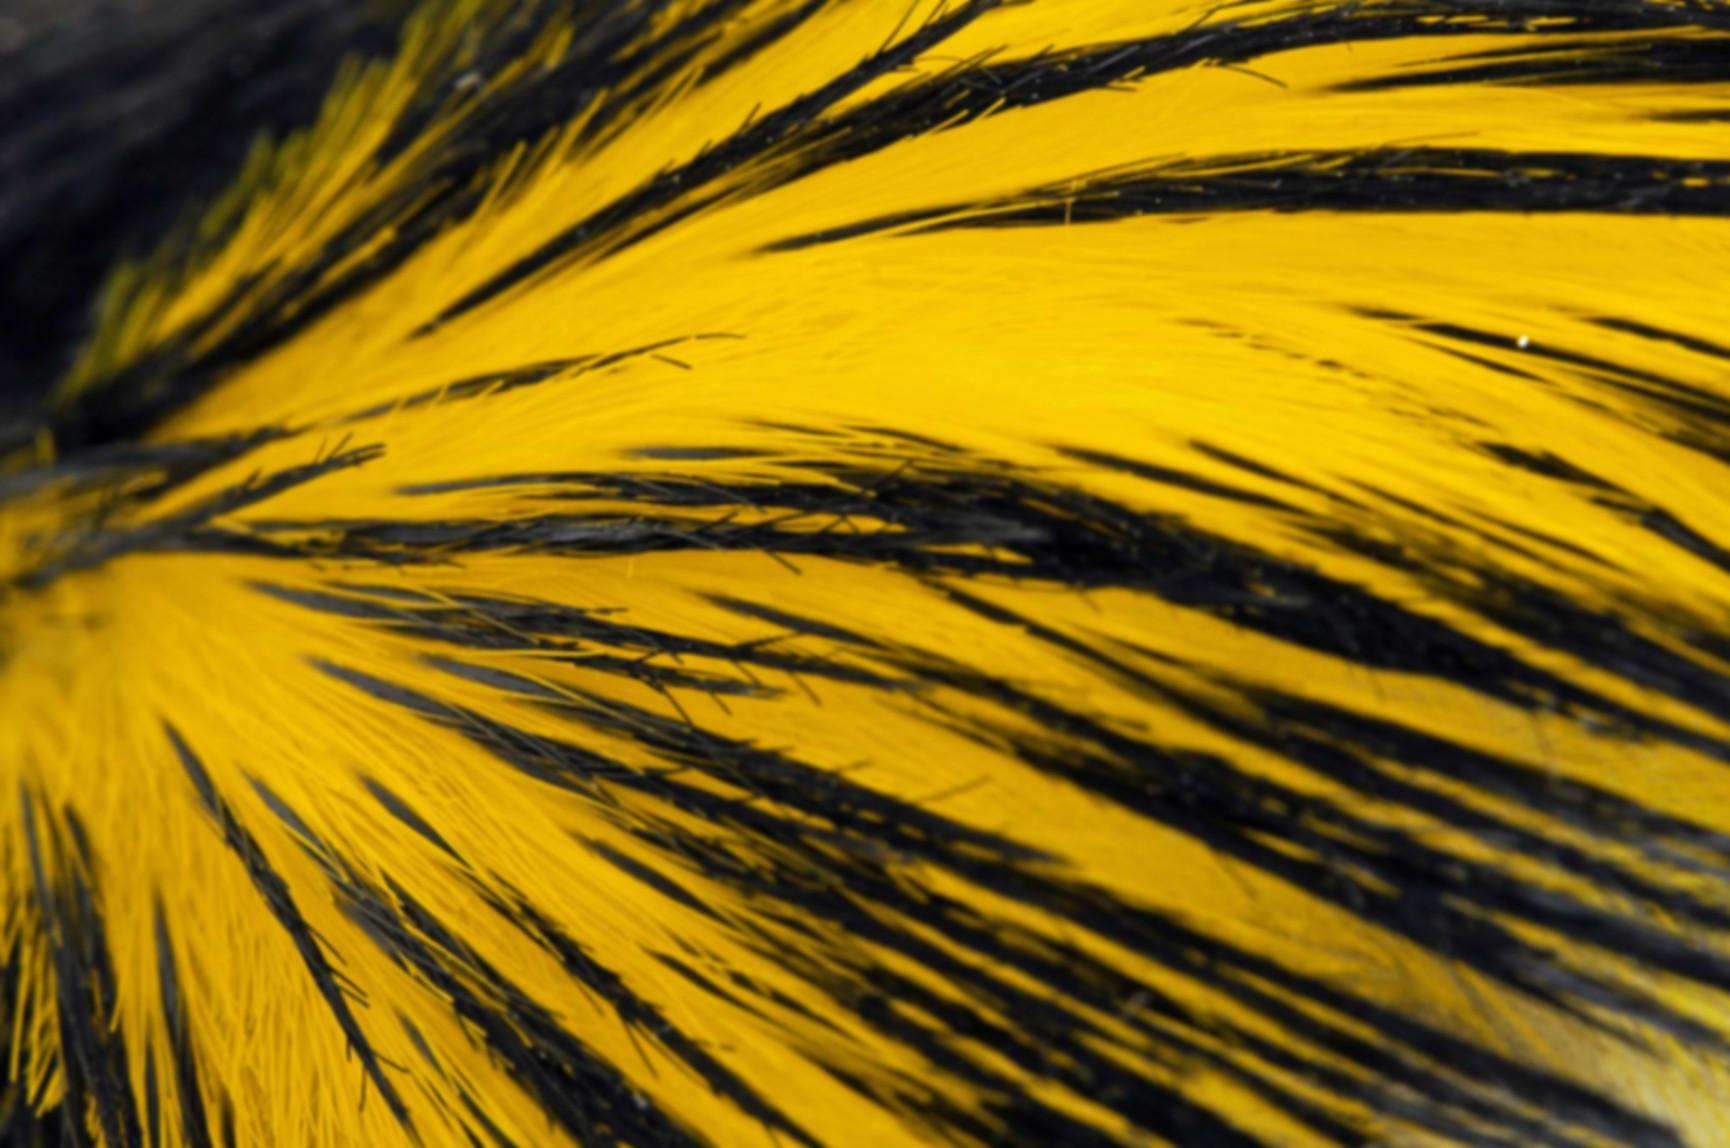 fond ecran plumes noires et jaunes.jpg